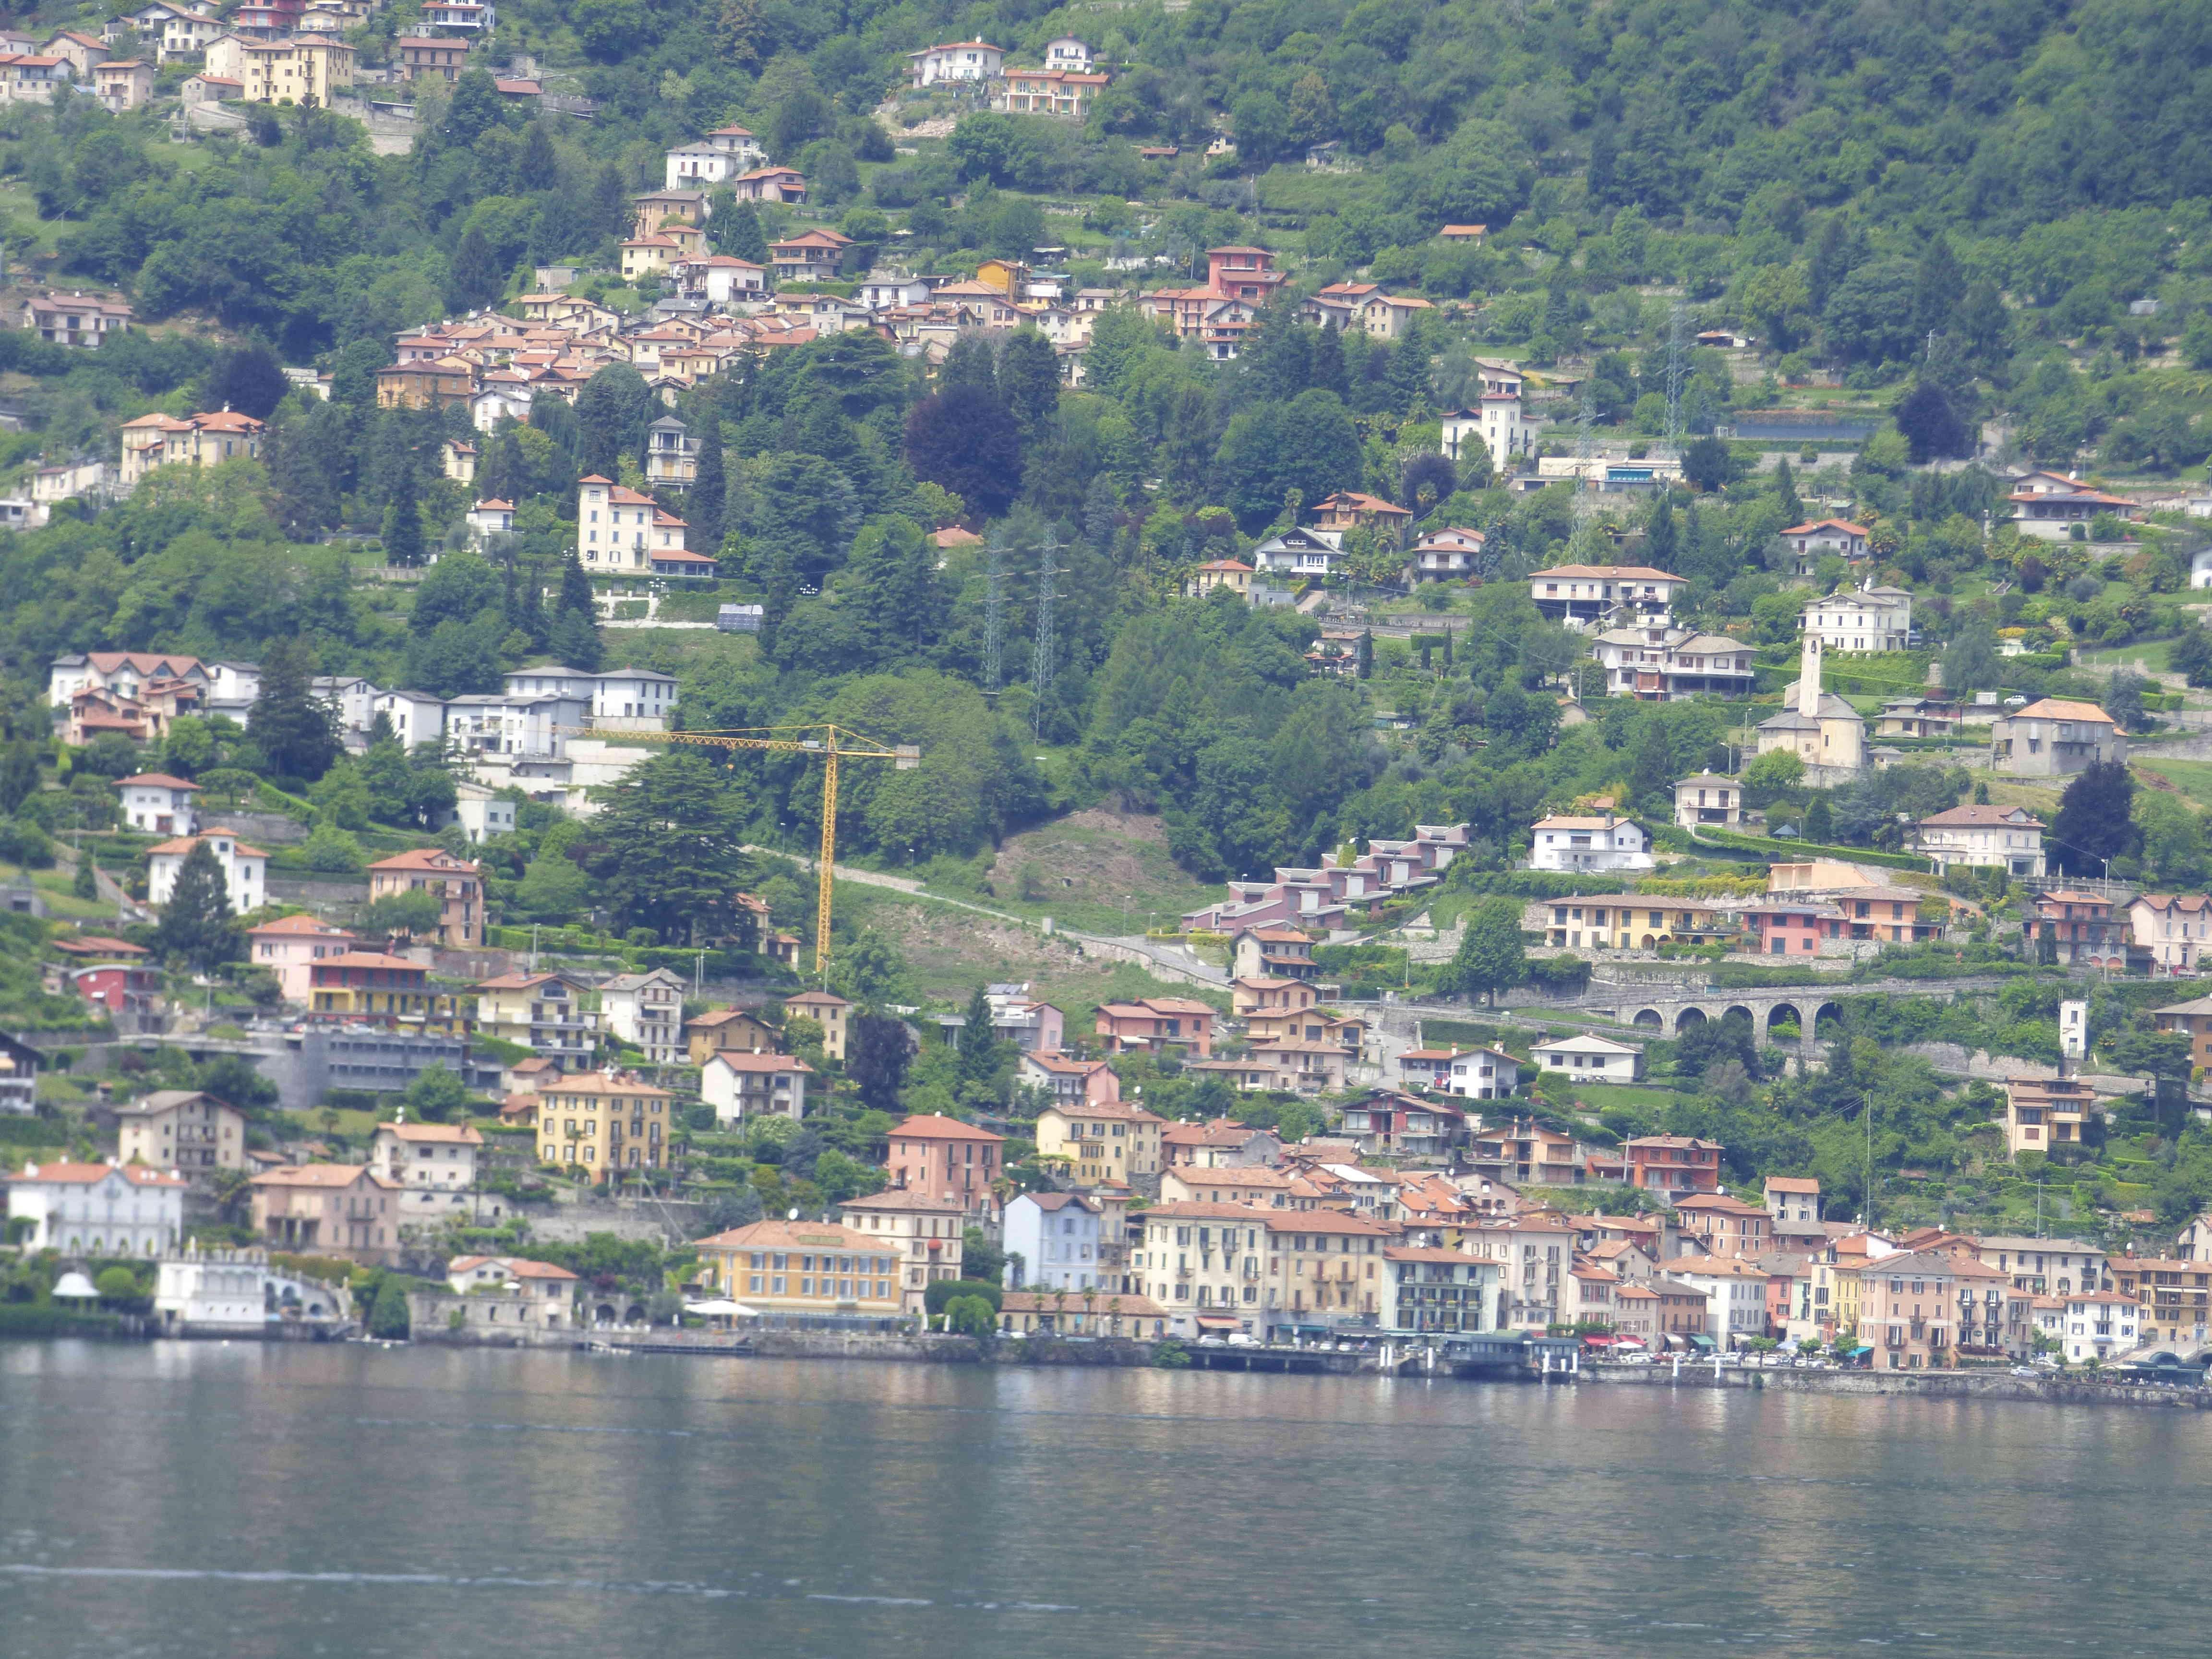 Au retour de vacances dans la région des lacs Italiens P1030115